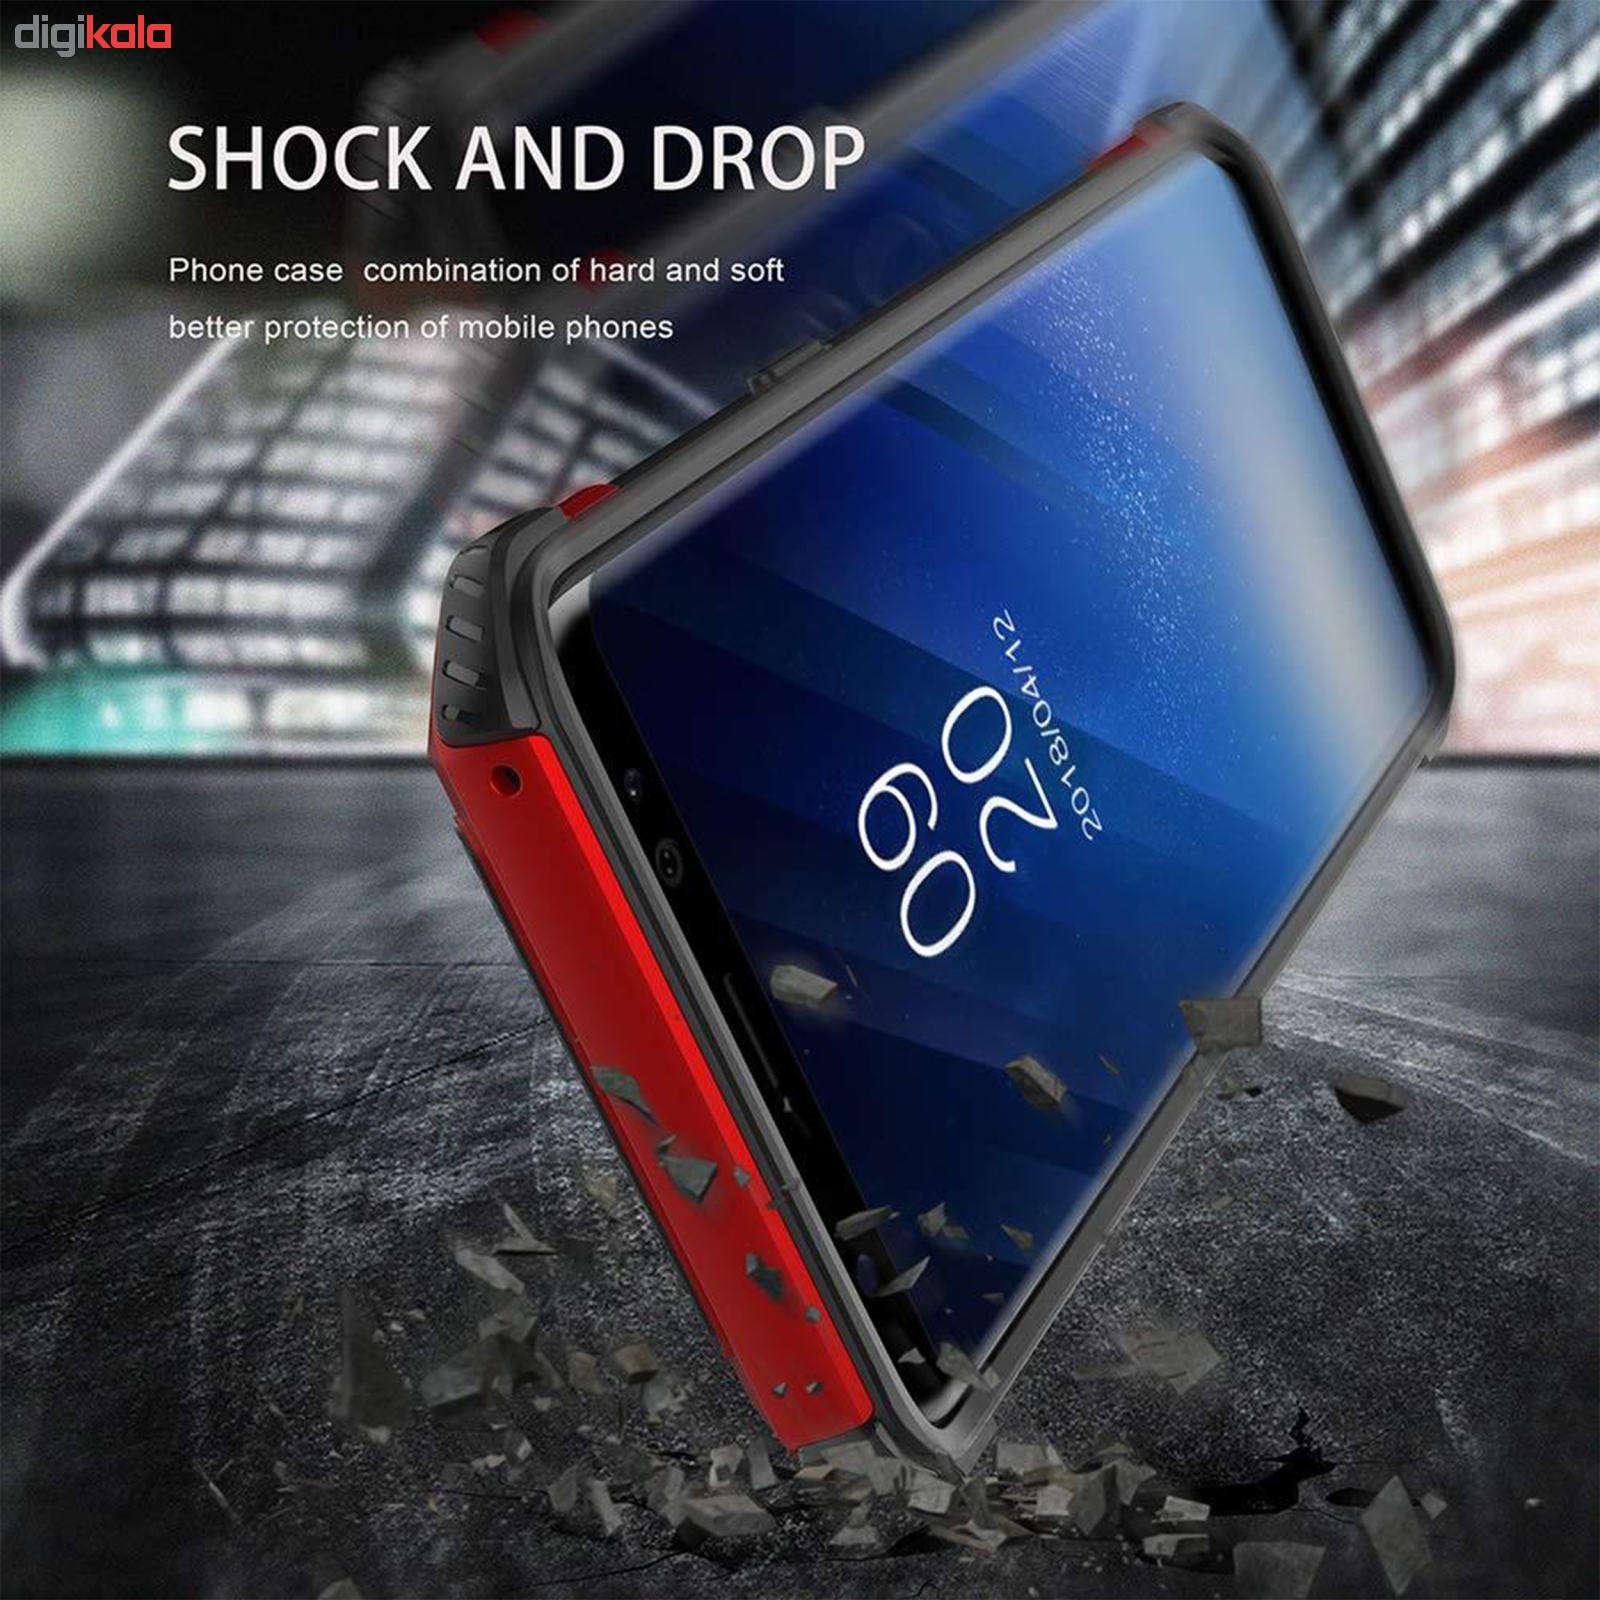 کاور کینگ پاور مدل W21 مناسب برای گوشی موبایل سامسونگ Galaxy S8 main 1 8